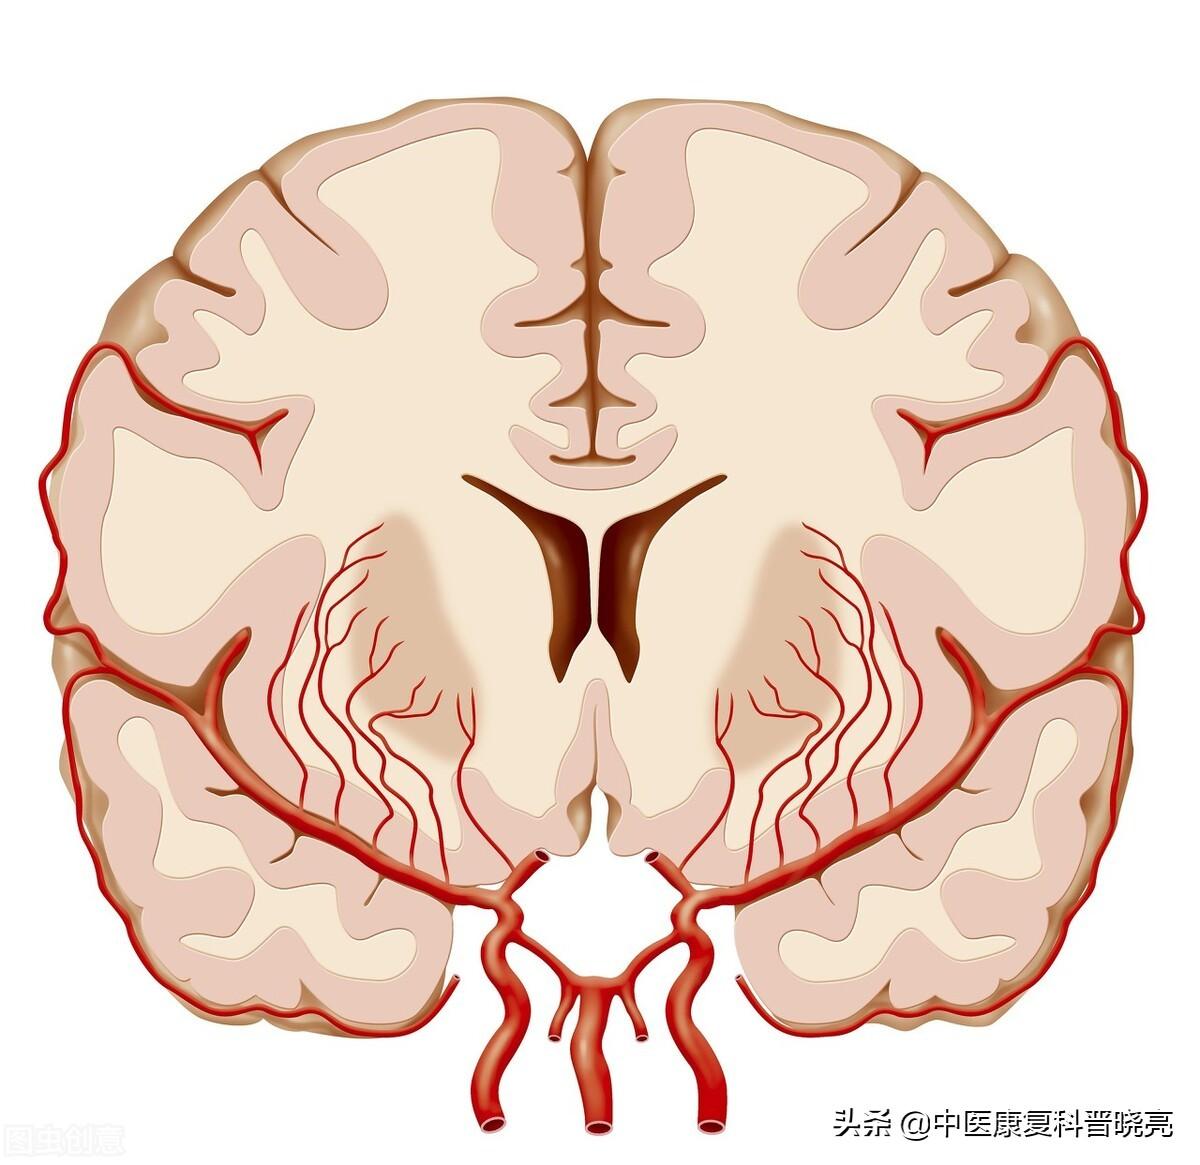 脑血管出问题,除了血压高以外,还有以下几个原因